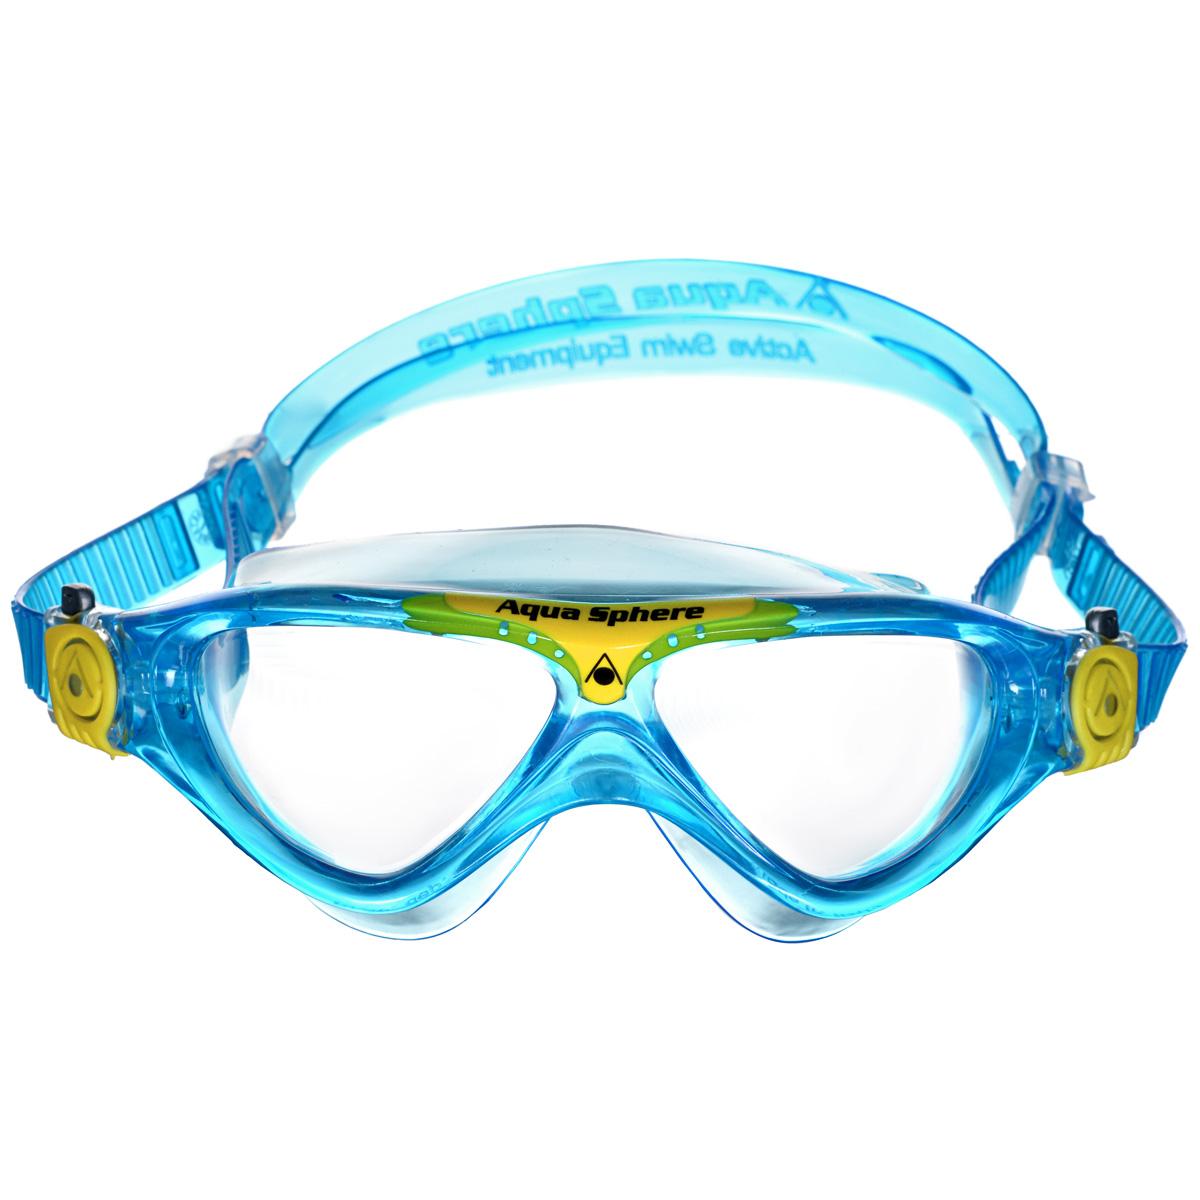 Очки для плавания Aqua Sphere Vista Junior, цвет: аквамарин, желтыйJ504N-9093Модные и стильные очки для плавания Aqua Sphere Vista Junior идеально подходят для плавания в бассейне или открытой воде. Оснащены линзами с антизапотевающим покрытием, которые устойчивы к появлению царапин. Мягкий комфортный обтюратор плотно прилегает к лицу.Запатентованные изогнутые линзы дают прекрасный обзор на 180° - без искажений. Очки дают 100% защиту от ультрафиолетового излучения спектра А и спектра В.Материал: плексисол, силикон.